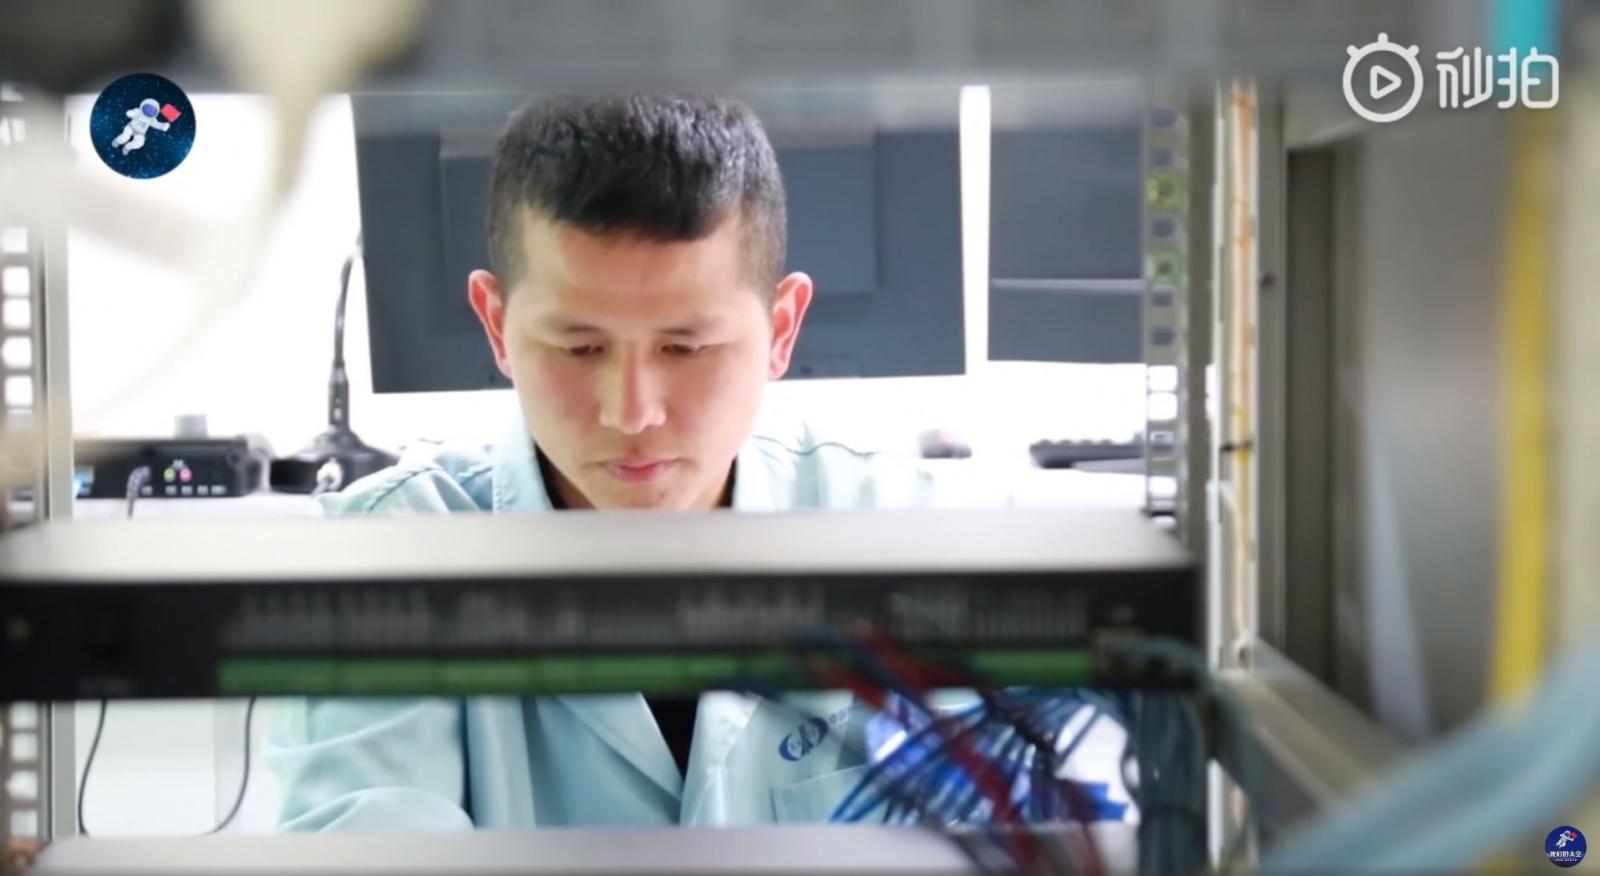 Суровая рабочая реальность — Китайский космодром Сичан (Xichang Satellite Launch Center — XSLC) - 55